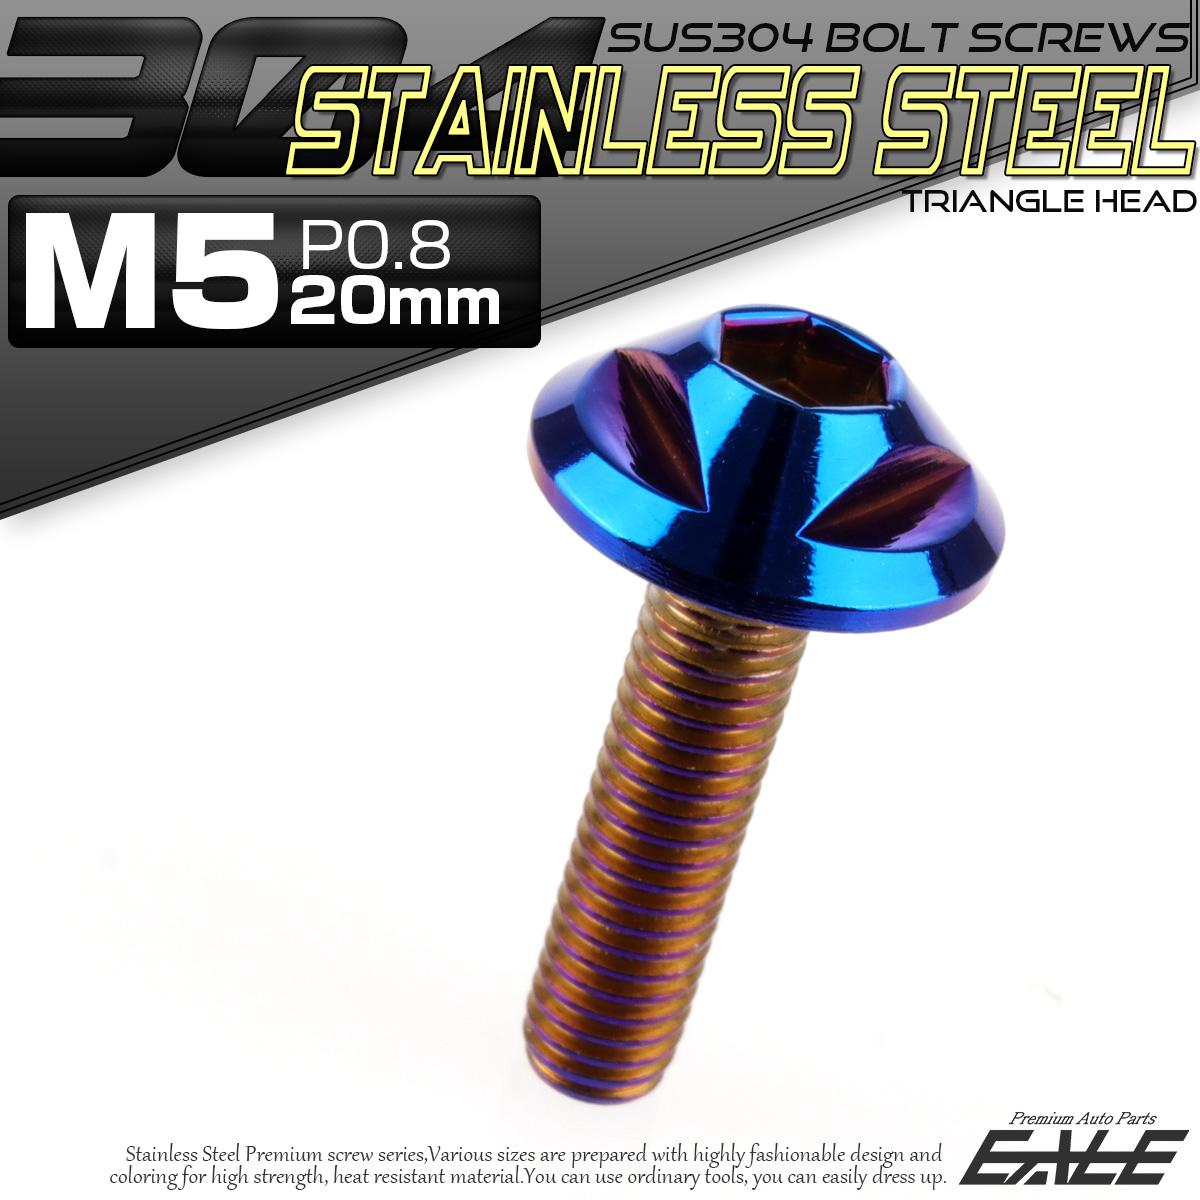 SUS304 フランジ付 ボタンボルト M5×20mm P0.8 六角穴  焼きチタン トライアングルヘッド ステンレス製  TR0160